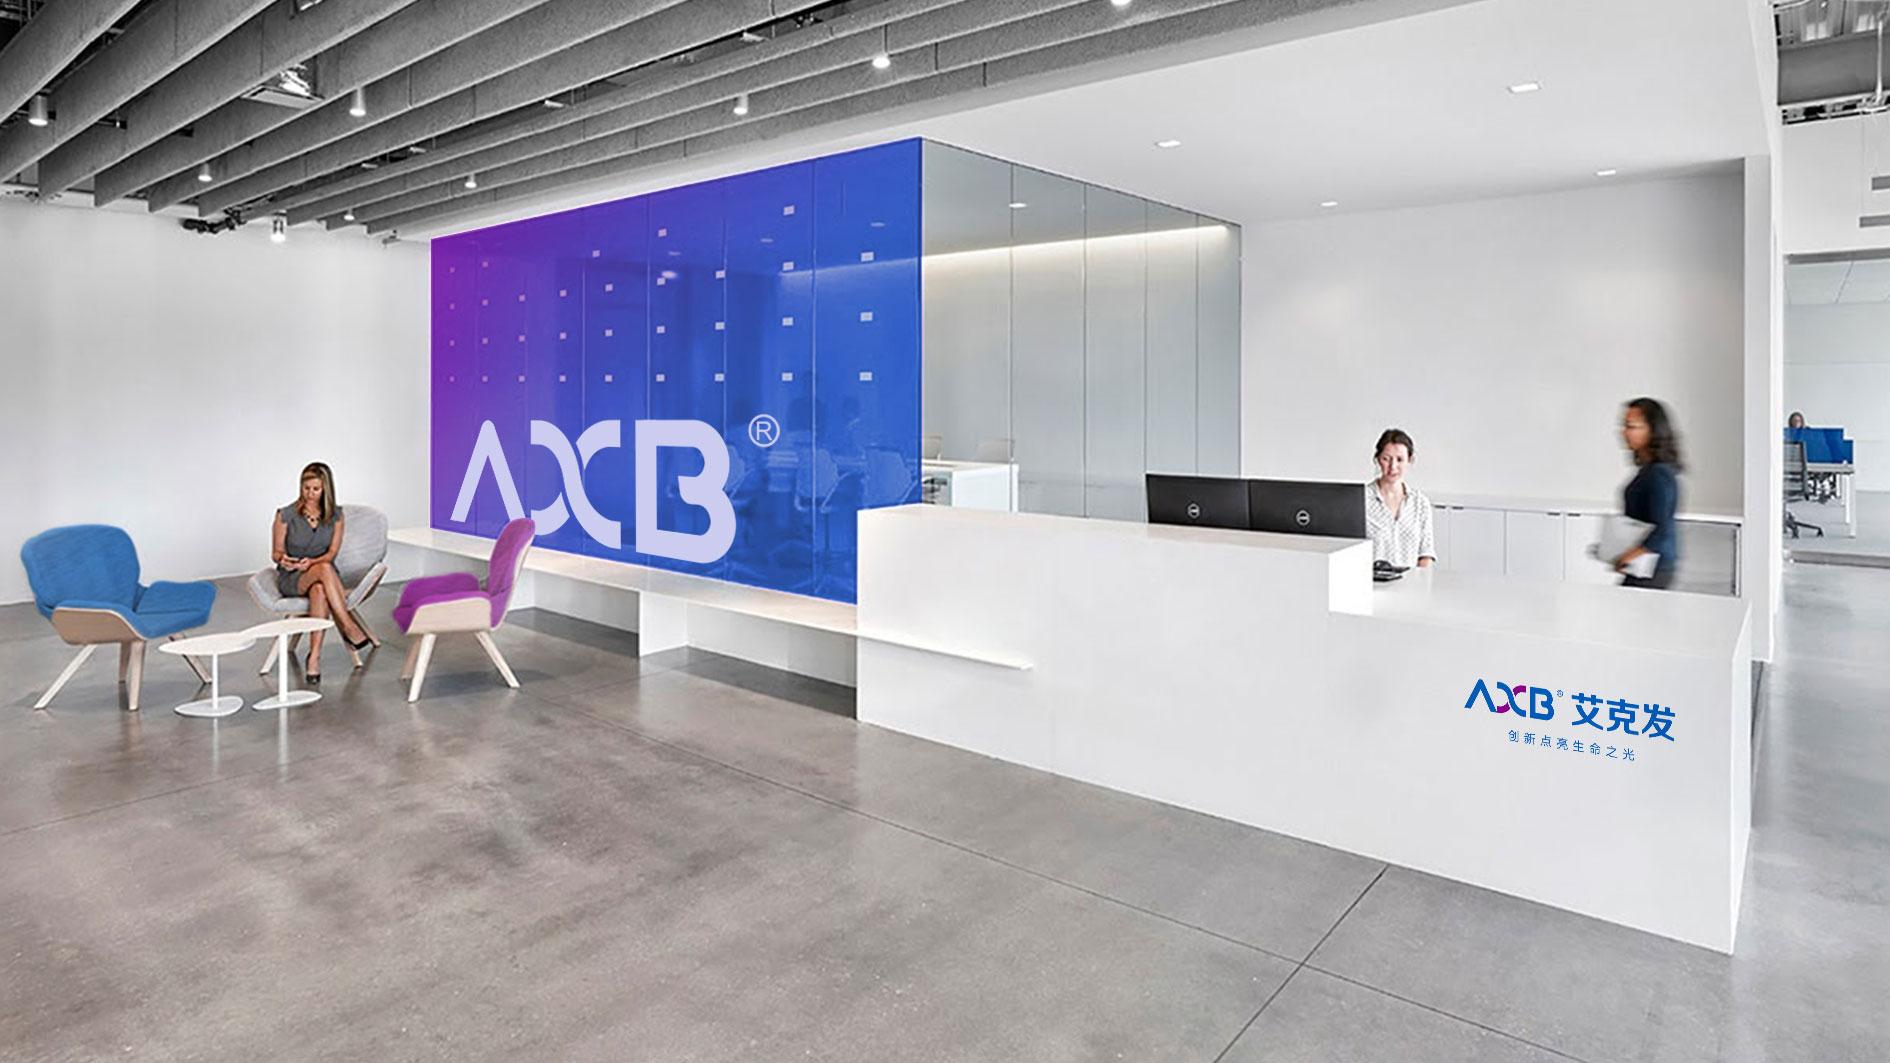 生物技术公司品牌形象设计,生物技术公司vi系统设计